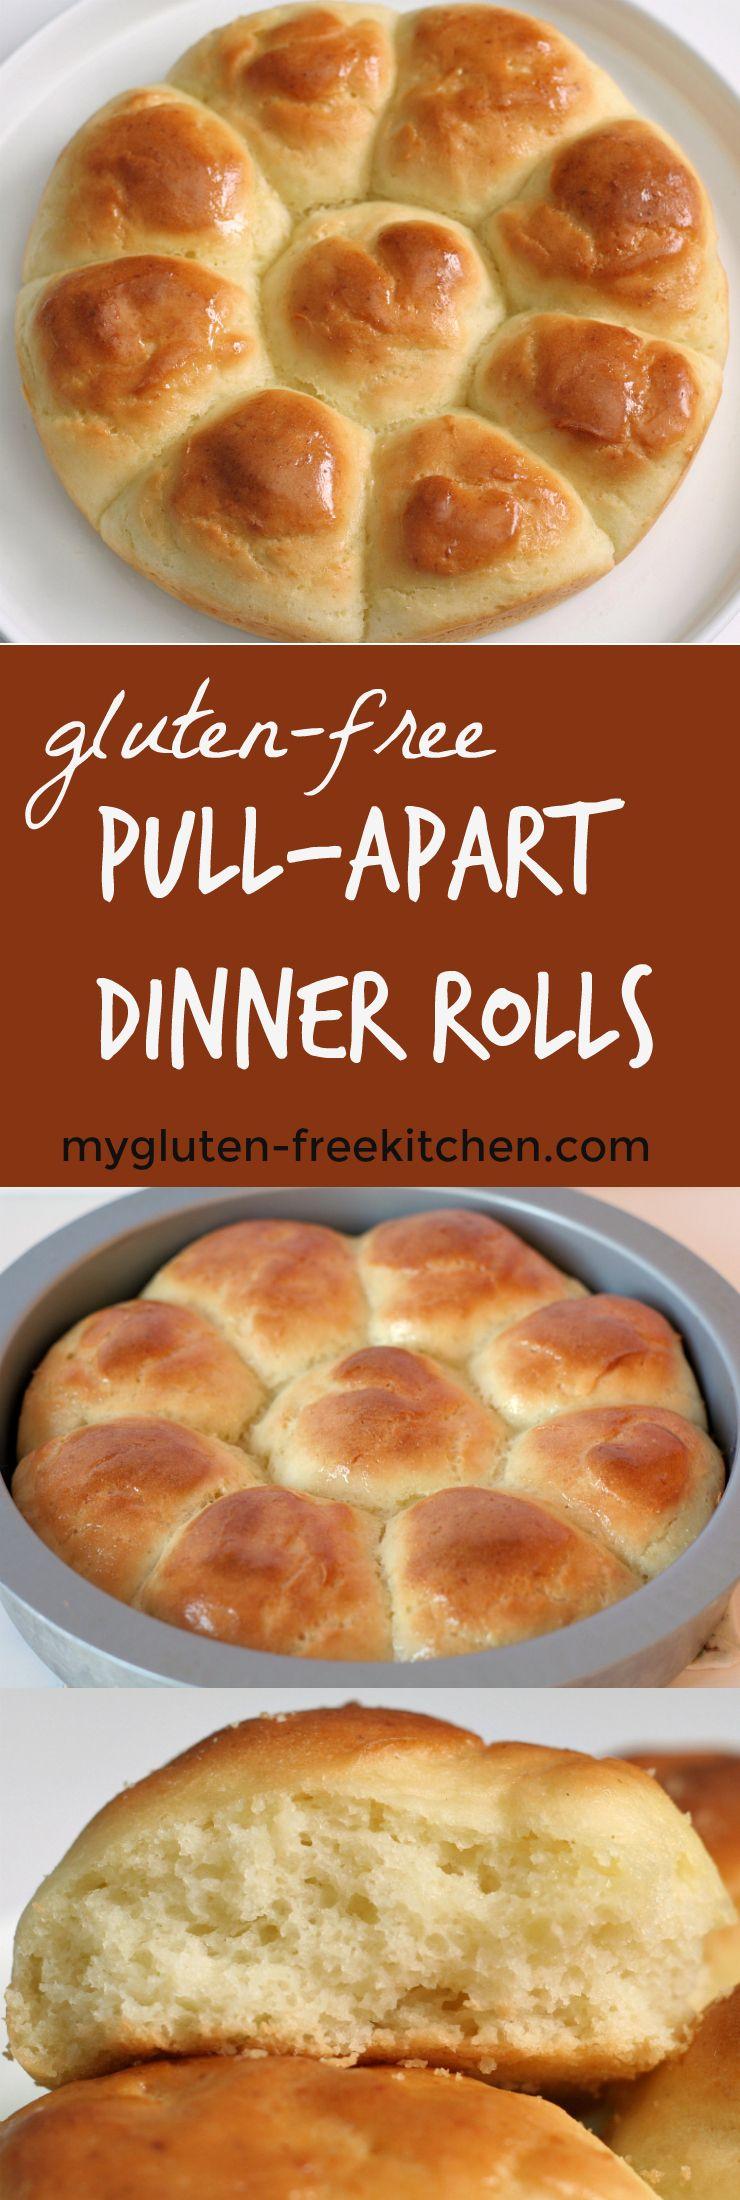 Gluten Free Pull Apart Dinner Rolls Recipe Foods With Gluten Gluten Free Dinner Rolls Gluten Free Thanksgiving